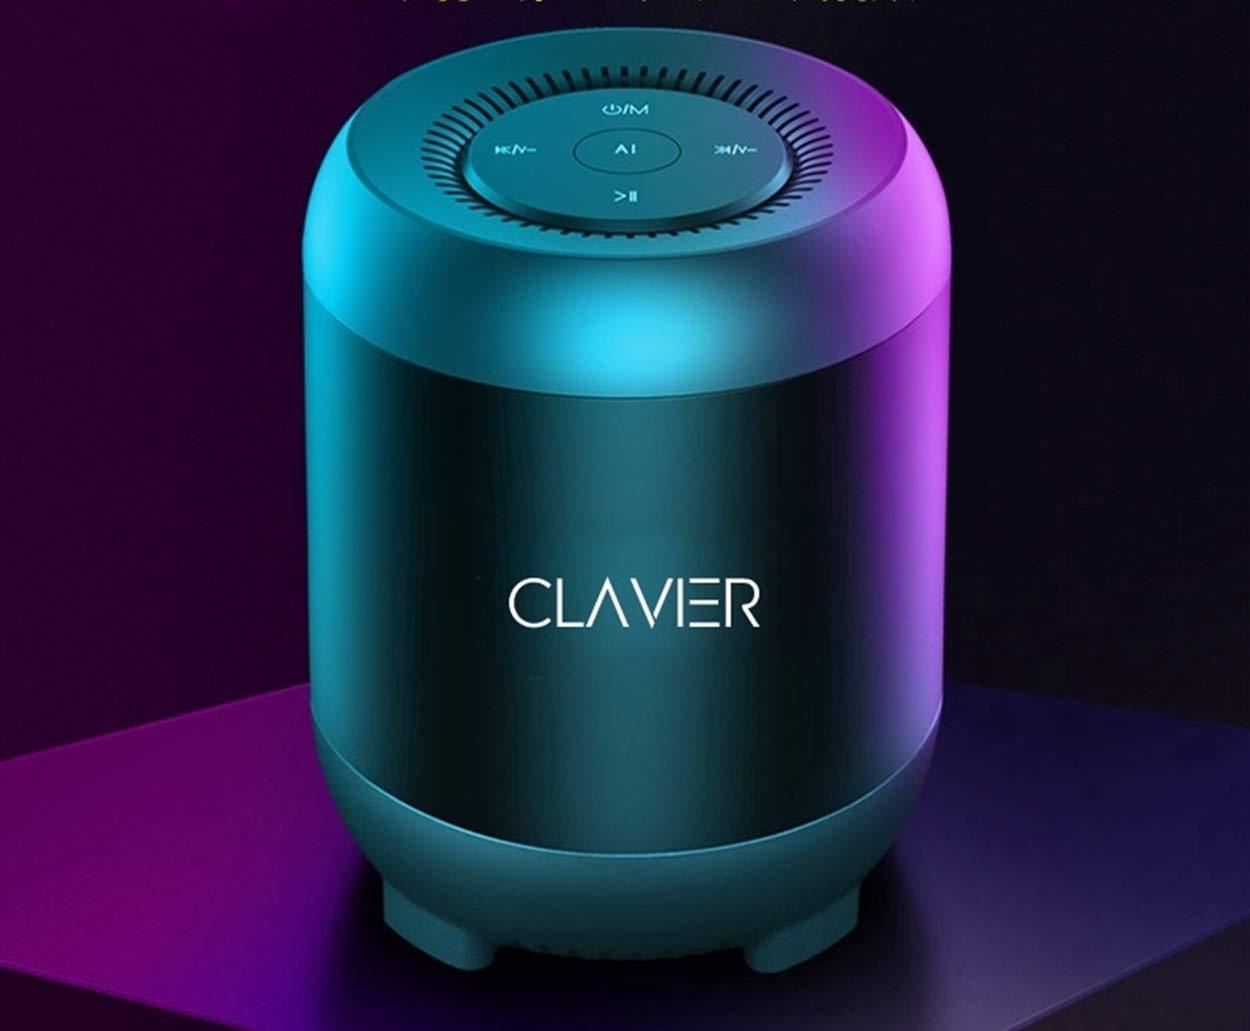 Clavier Atom Ultra Premium Bluetooth Speaker